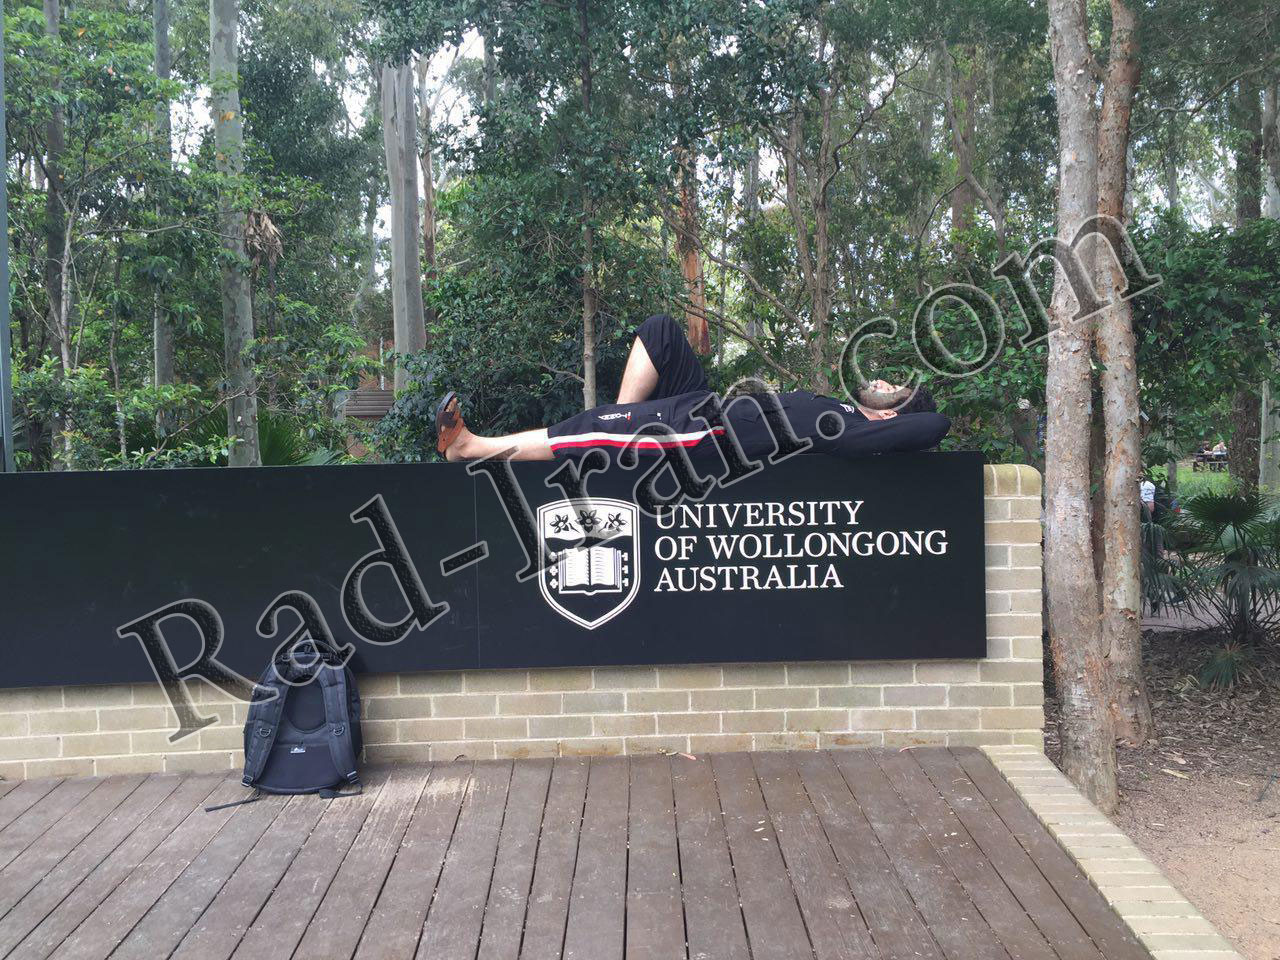 دانشگاه ولنگونگ